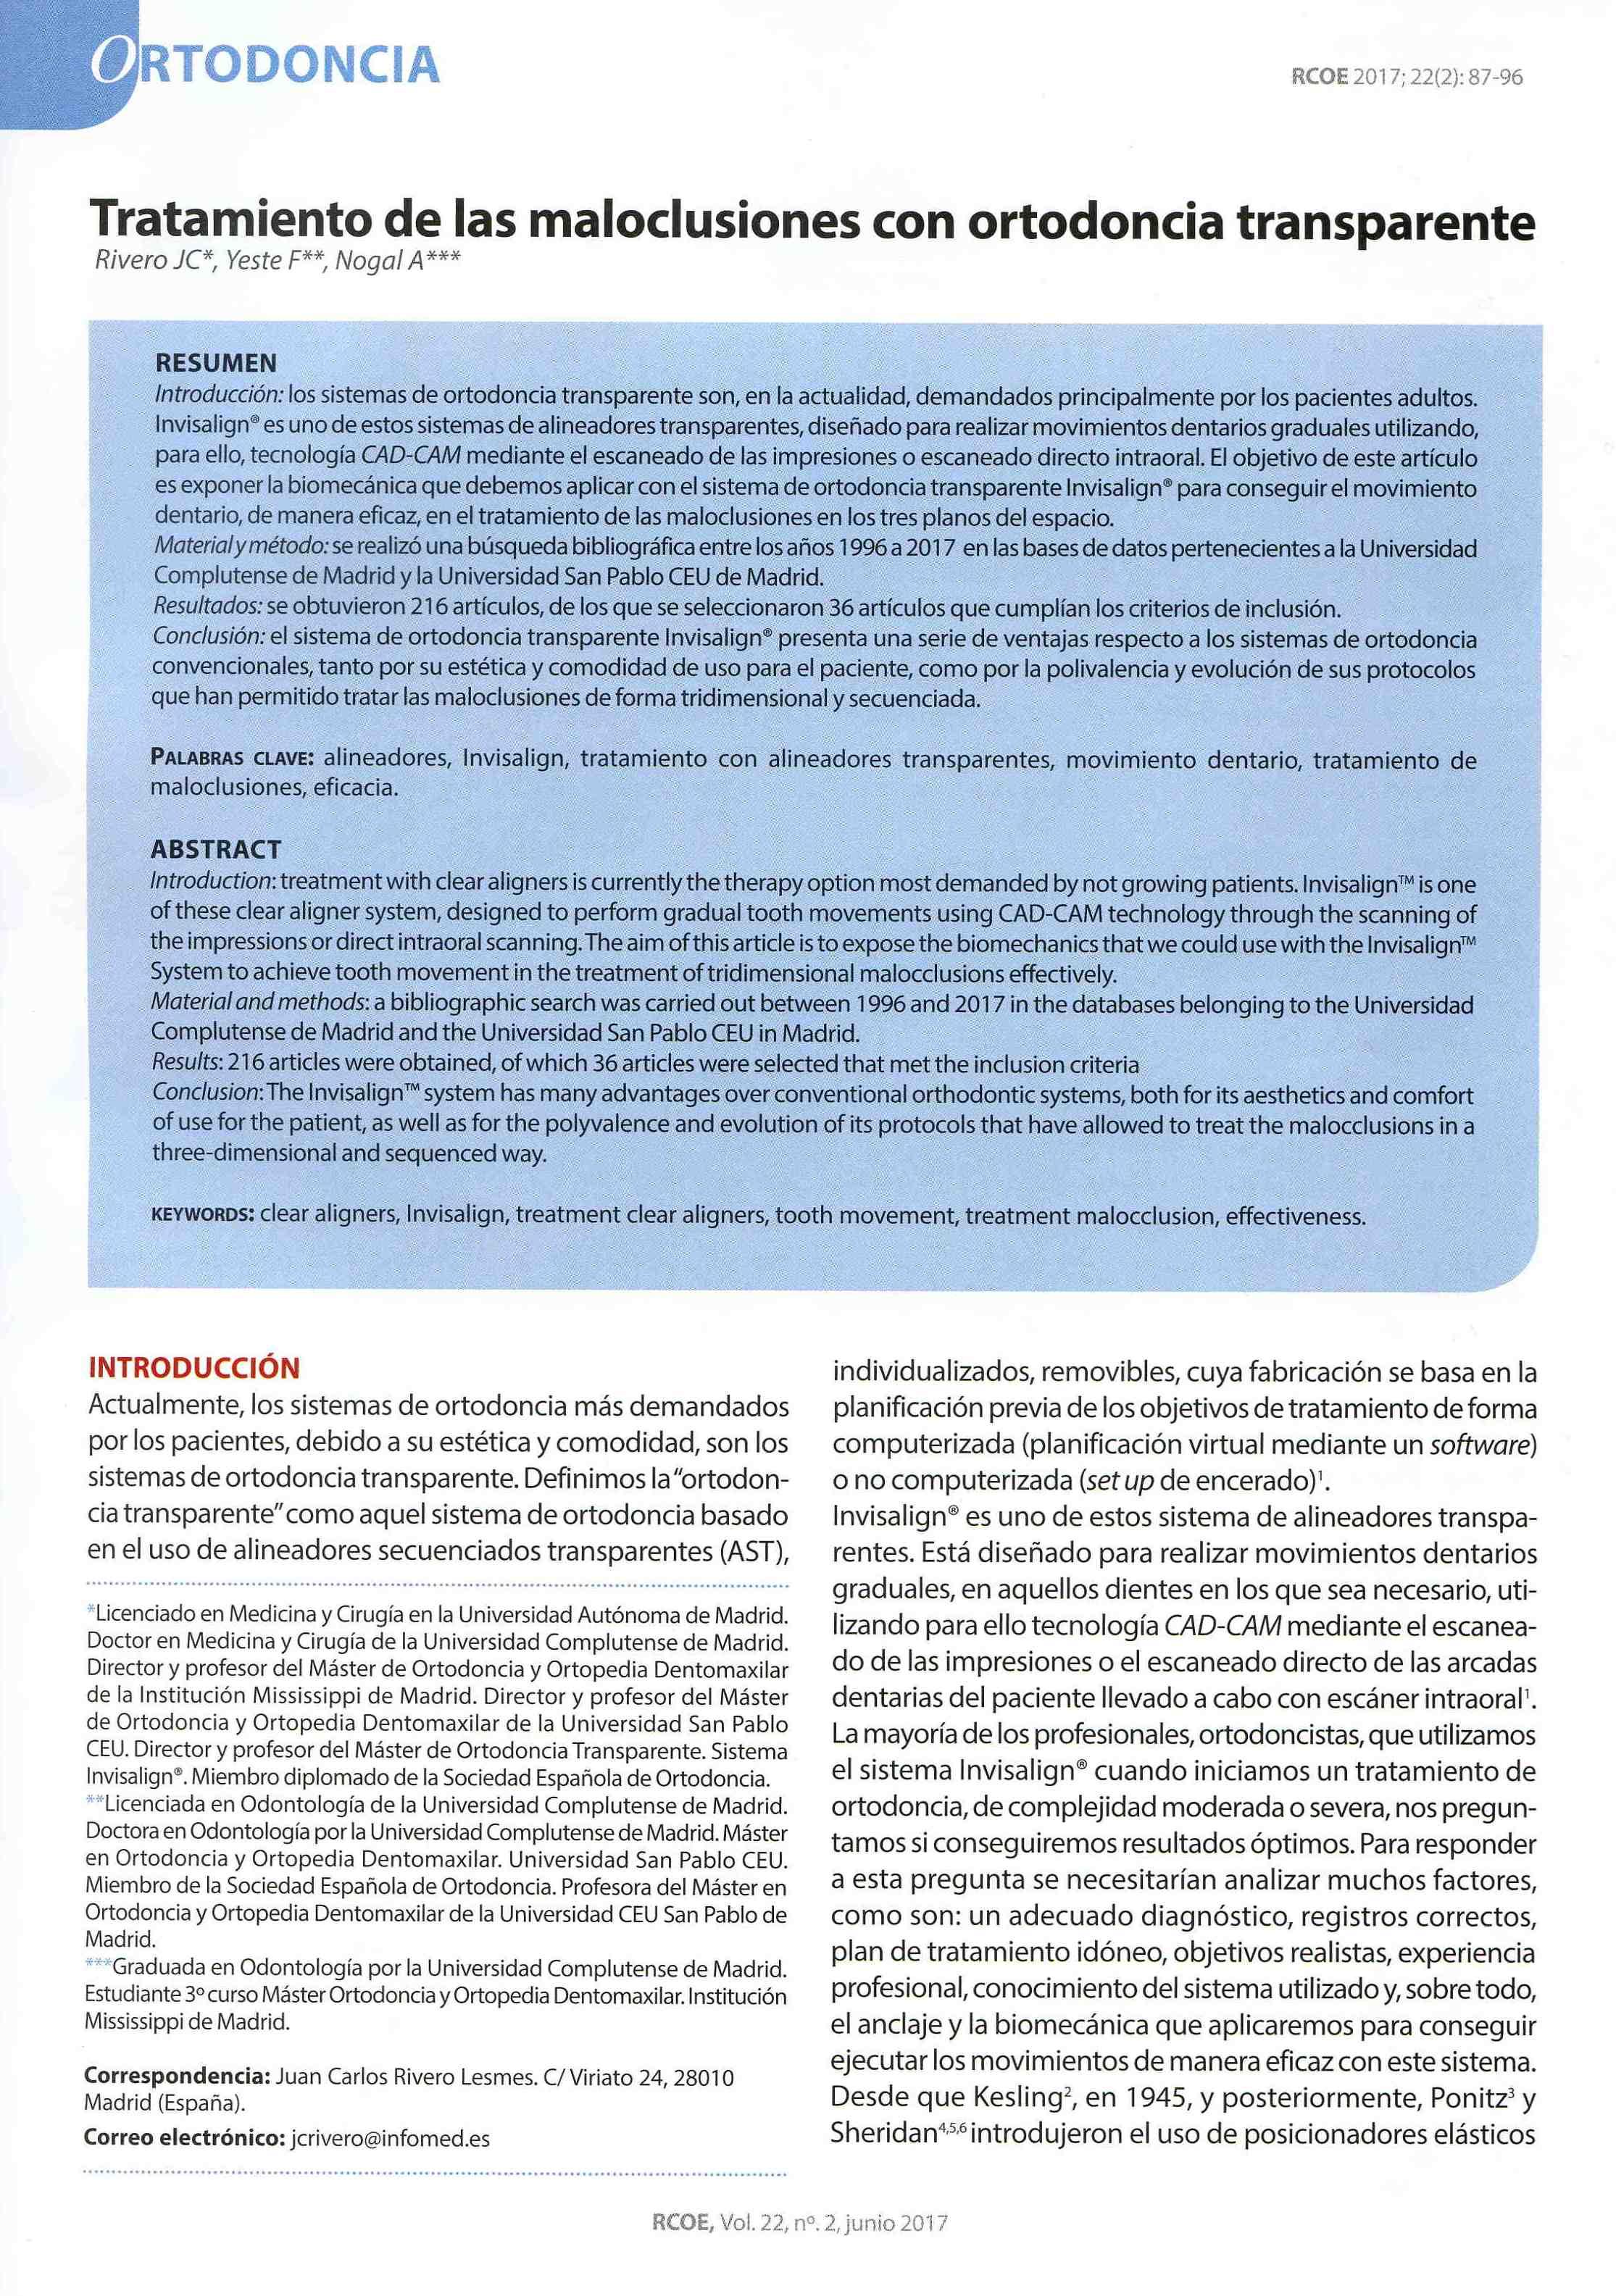 ventajas de la ortodoncia transparente - Clinica del Canto